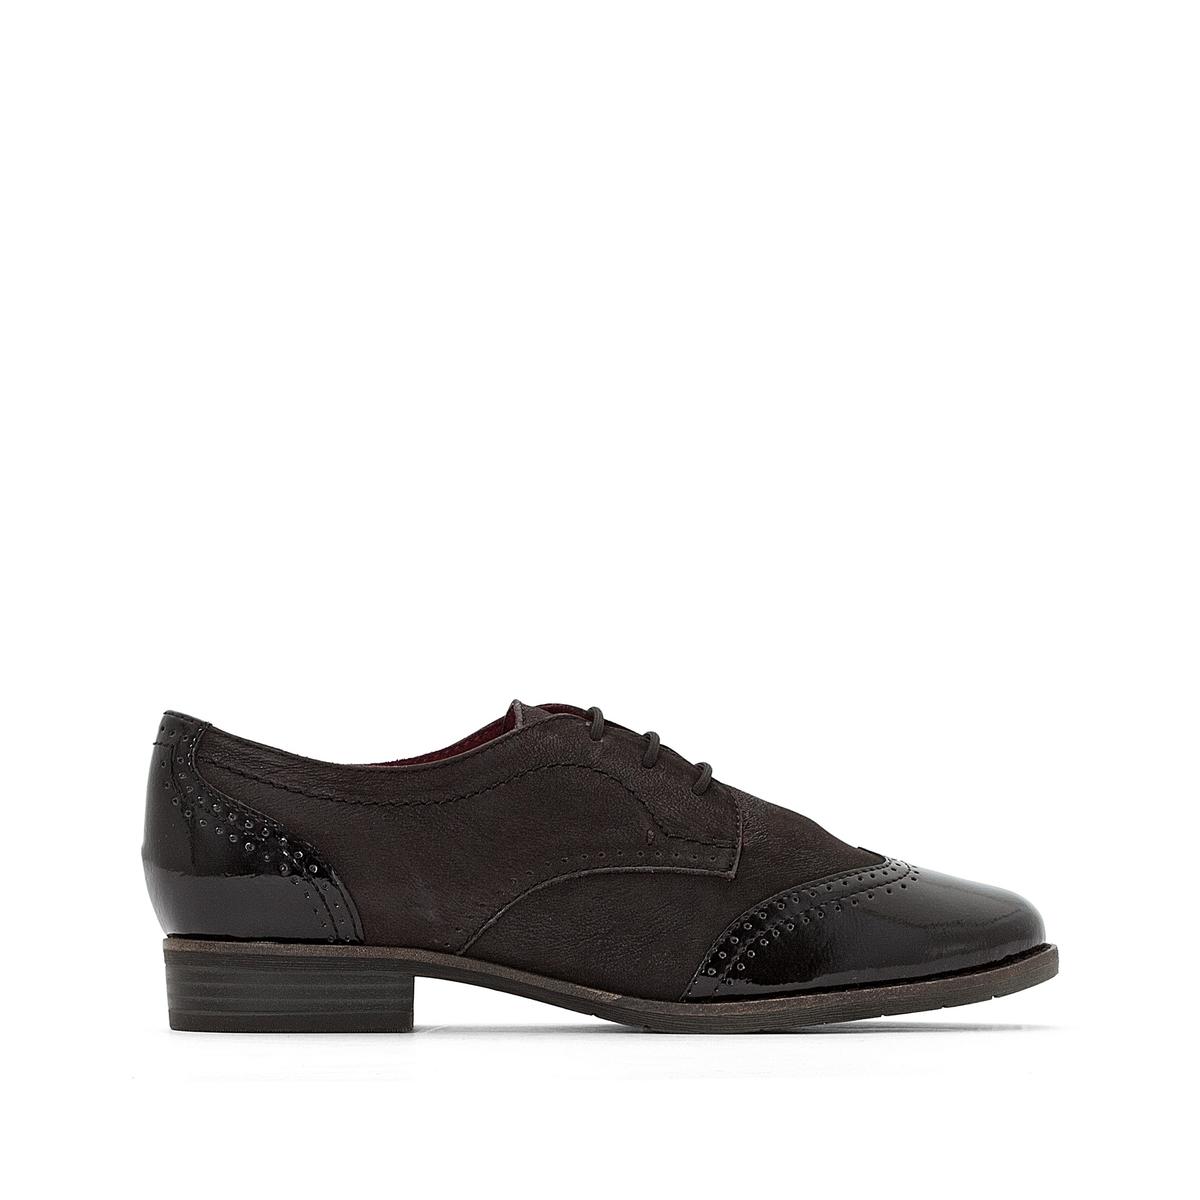 Ботинки-дерби Malika ботинки дерби malika